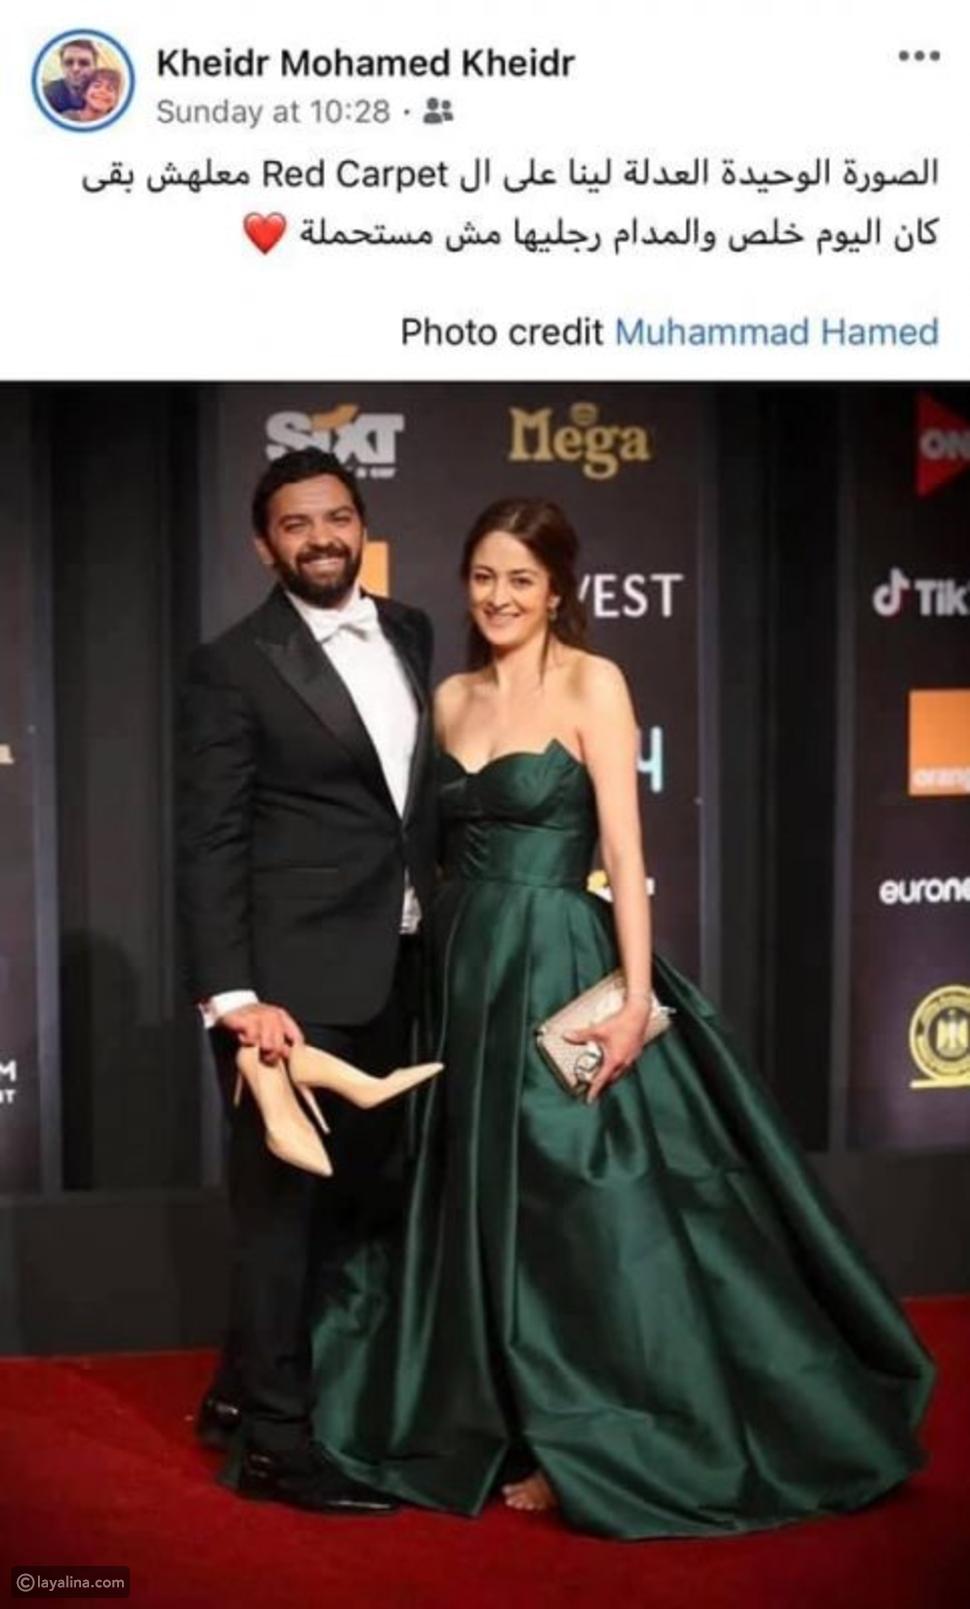 خضر محمد خضر  يرد على الإنتقادات التي طالته بعد حمله حذاء زوجته